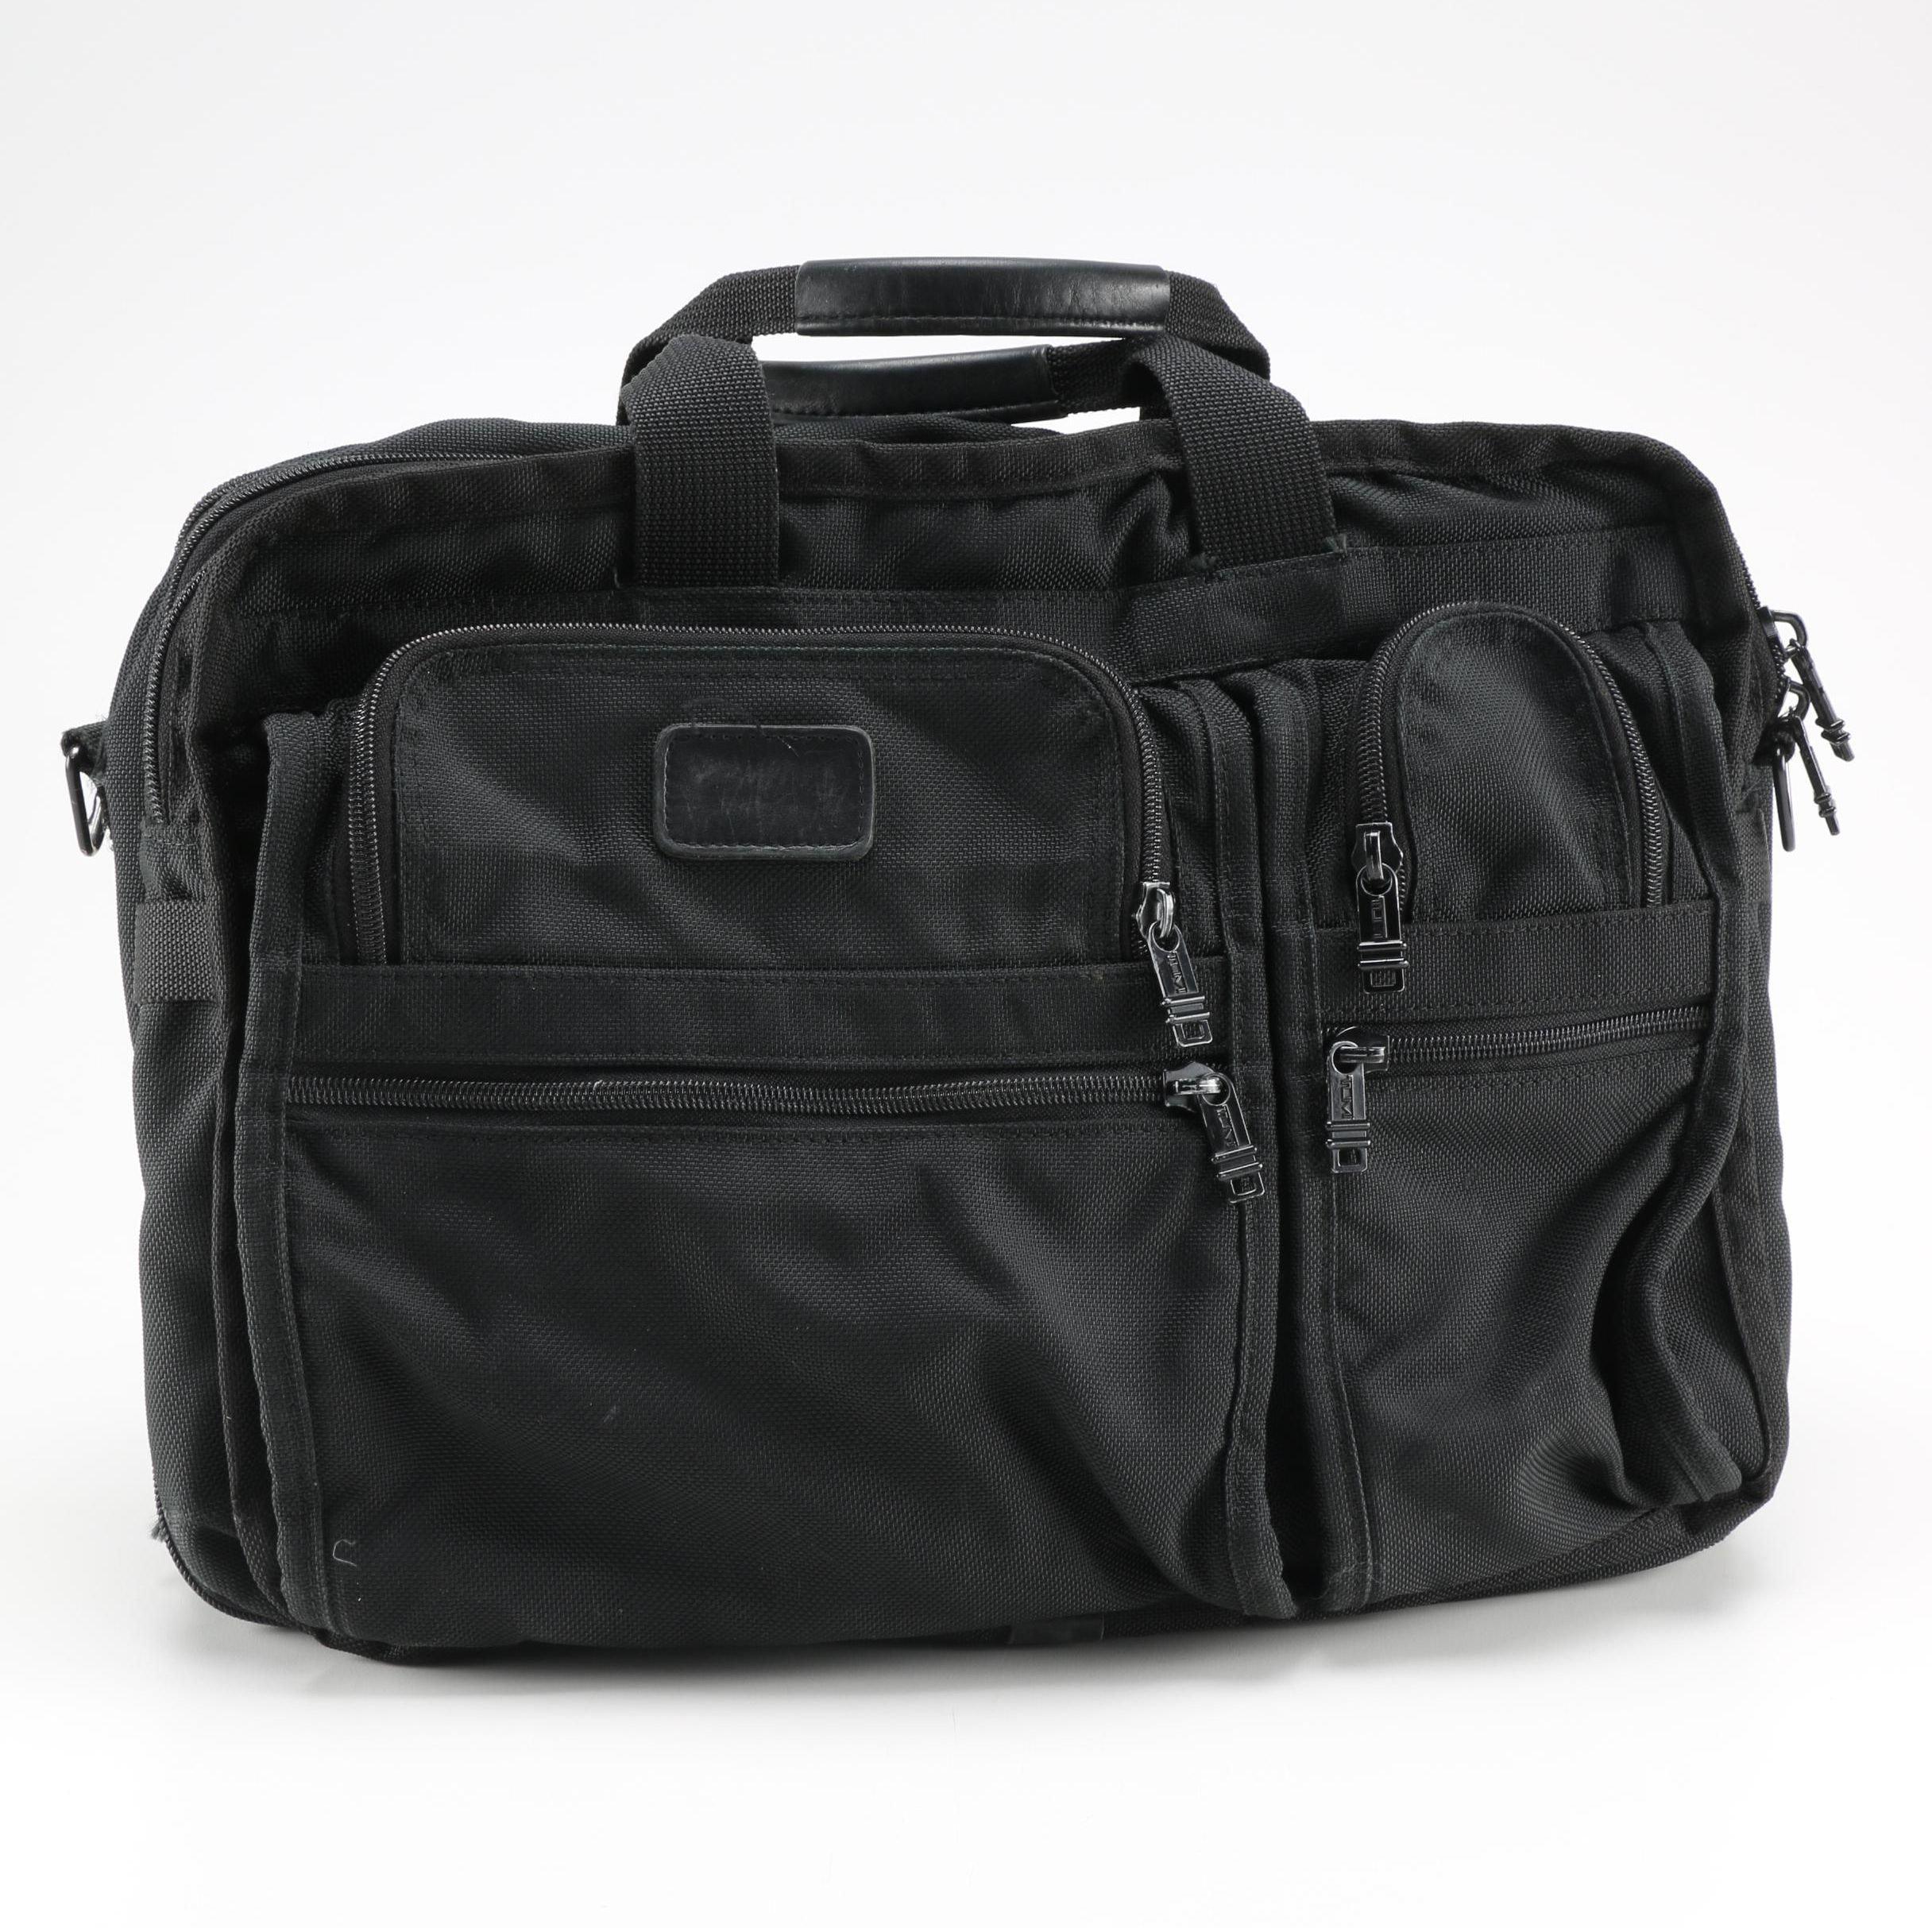 Black Tumi Laptop Bag